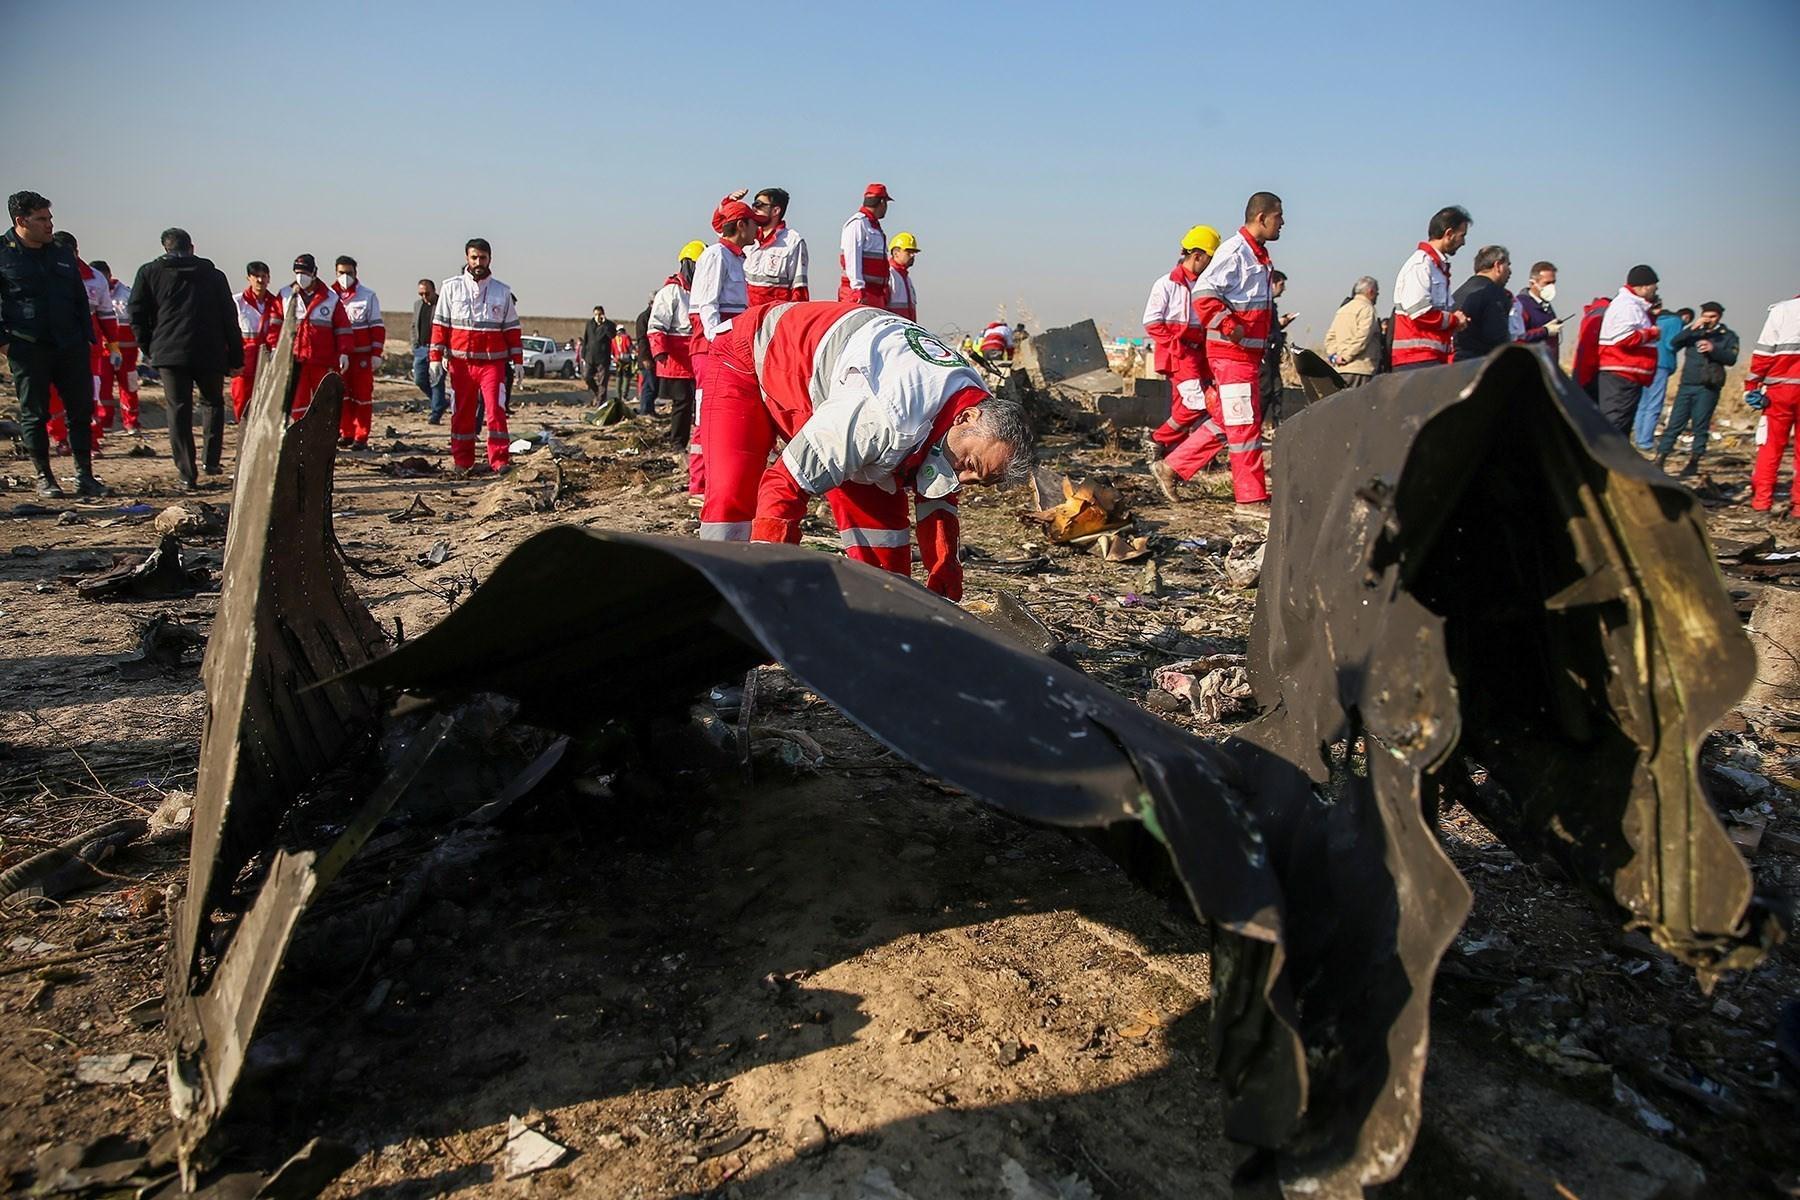 إيران تخصص 150 ألف دولار لكل من ضحايا تحطم الطائرة الأوكرانية